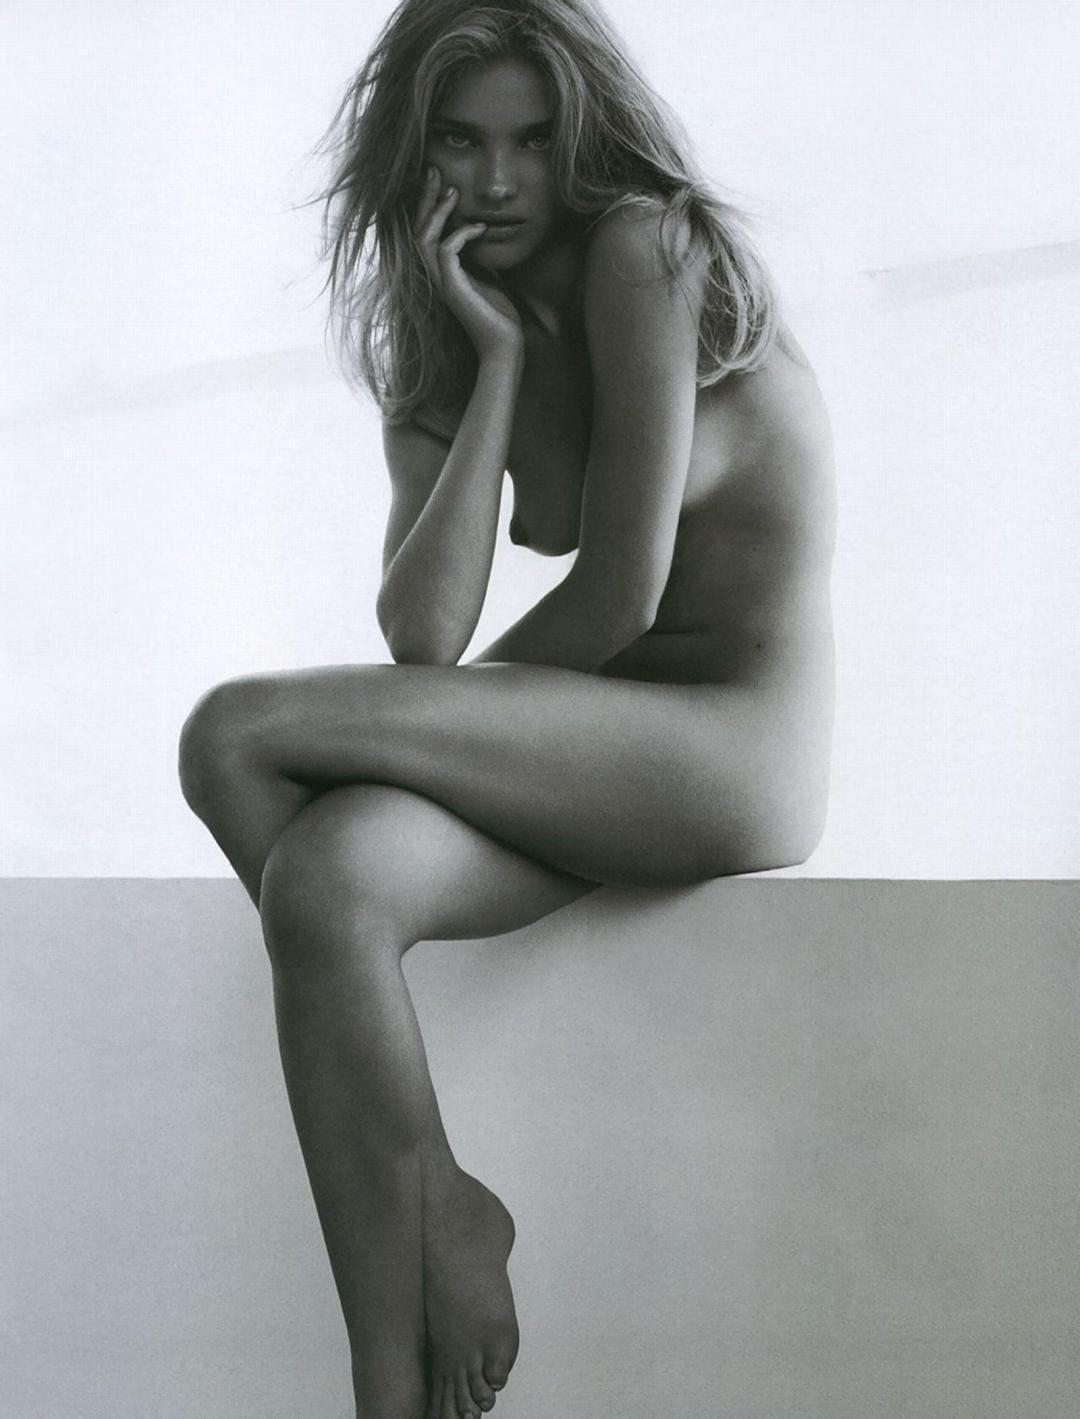 наталья водянова голая сидит у стены подперев правой рукой подбородок скрестив ноги с распущенным волосом, черно белое фото